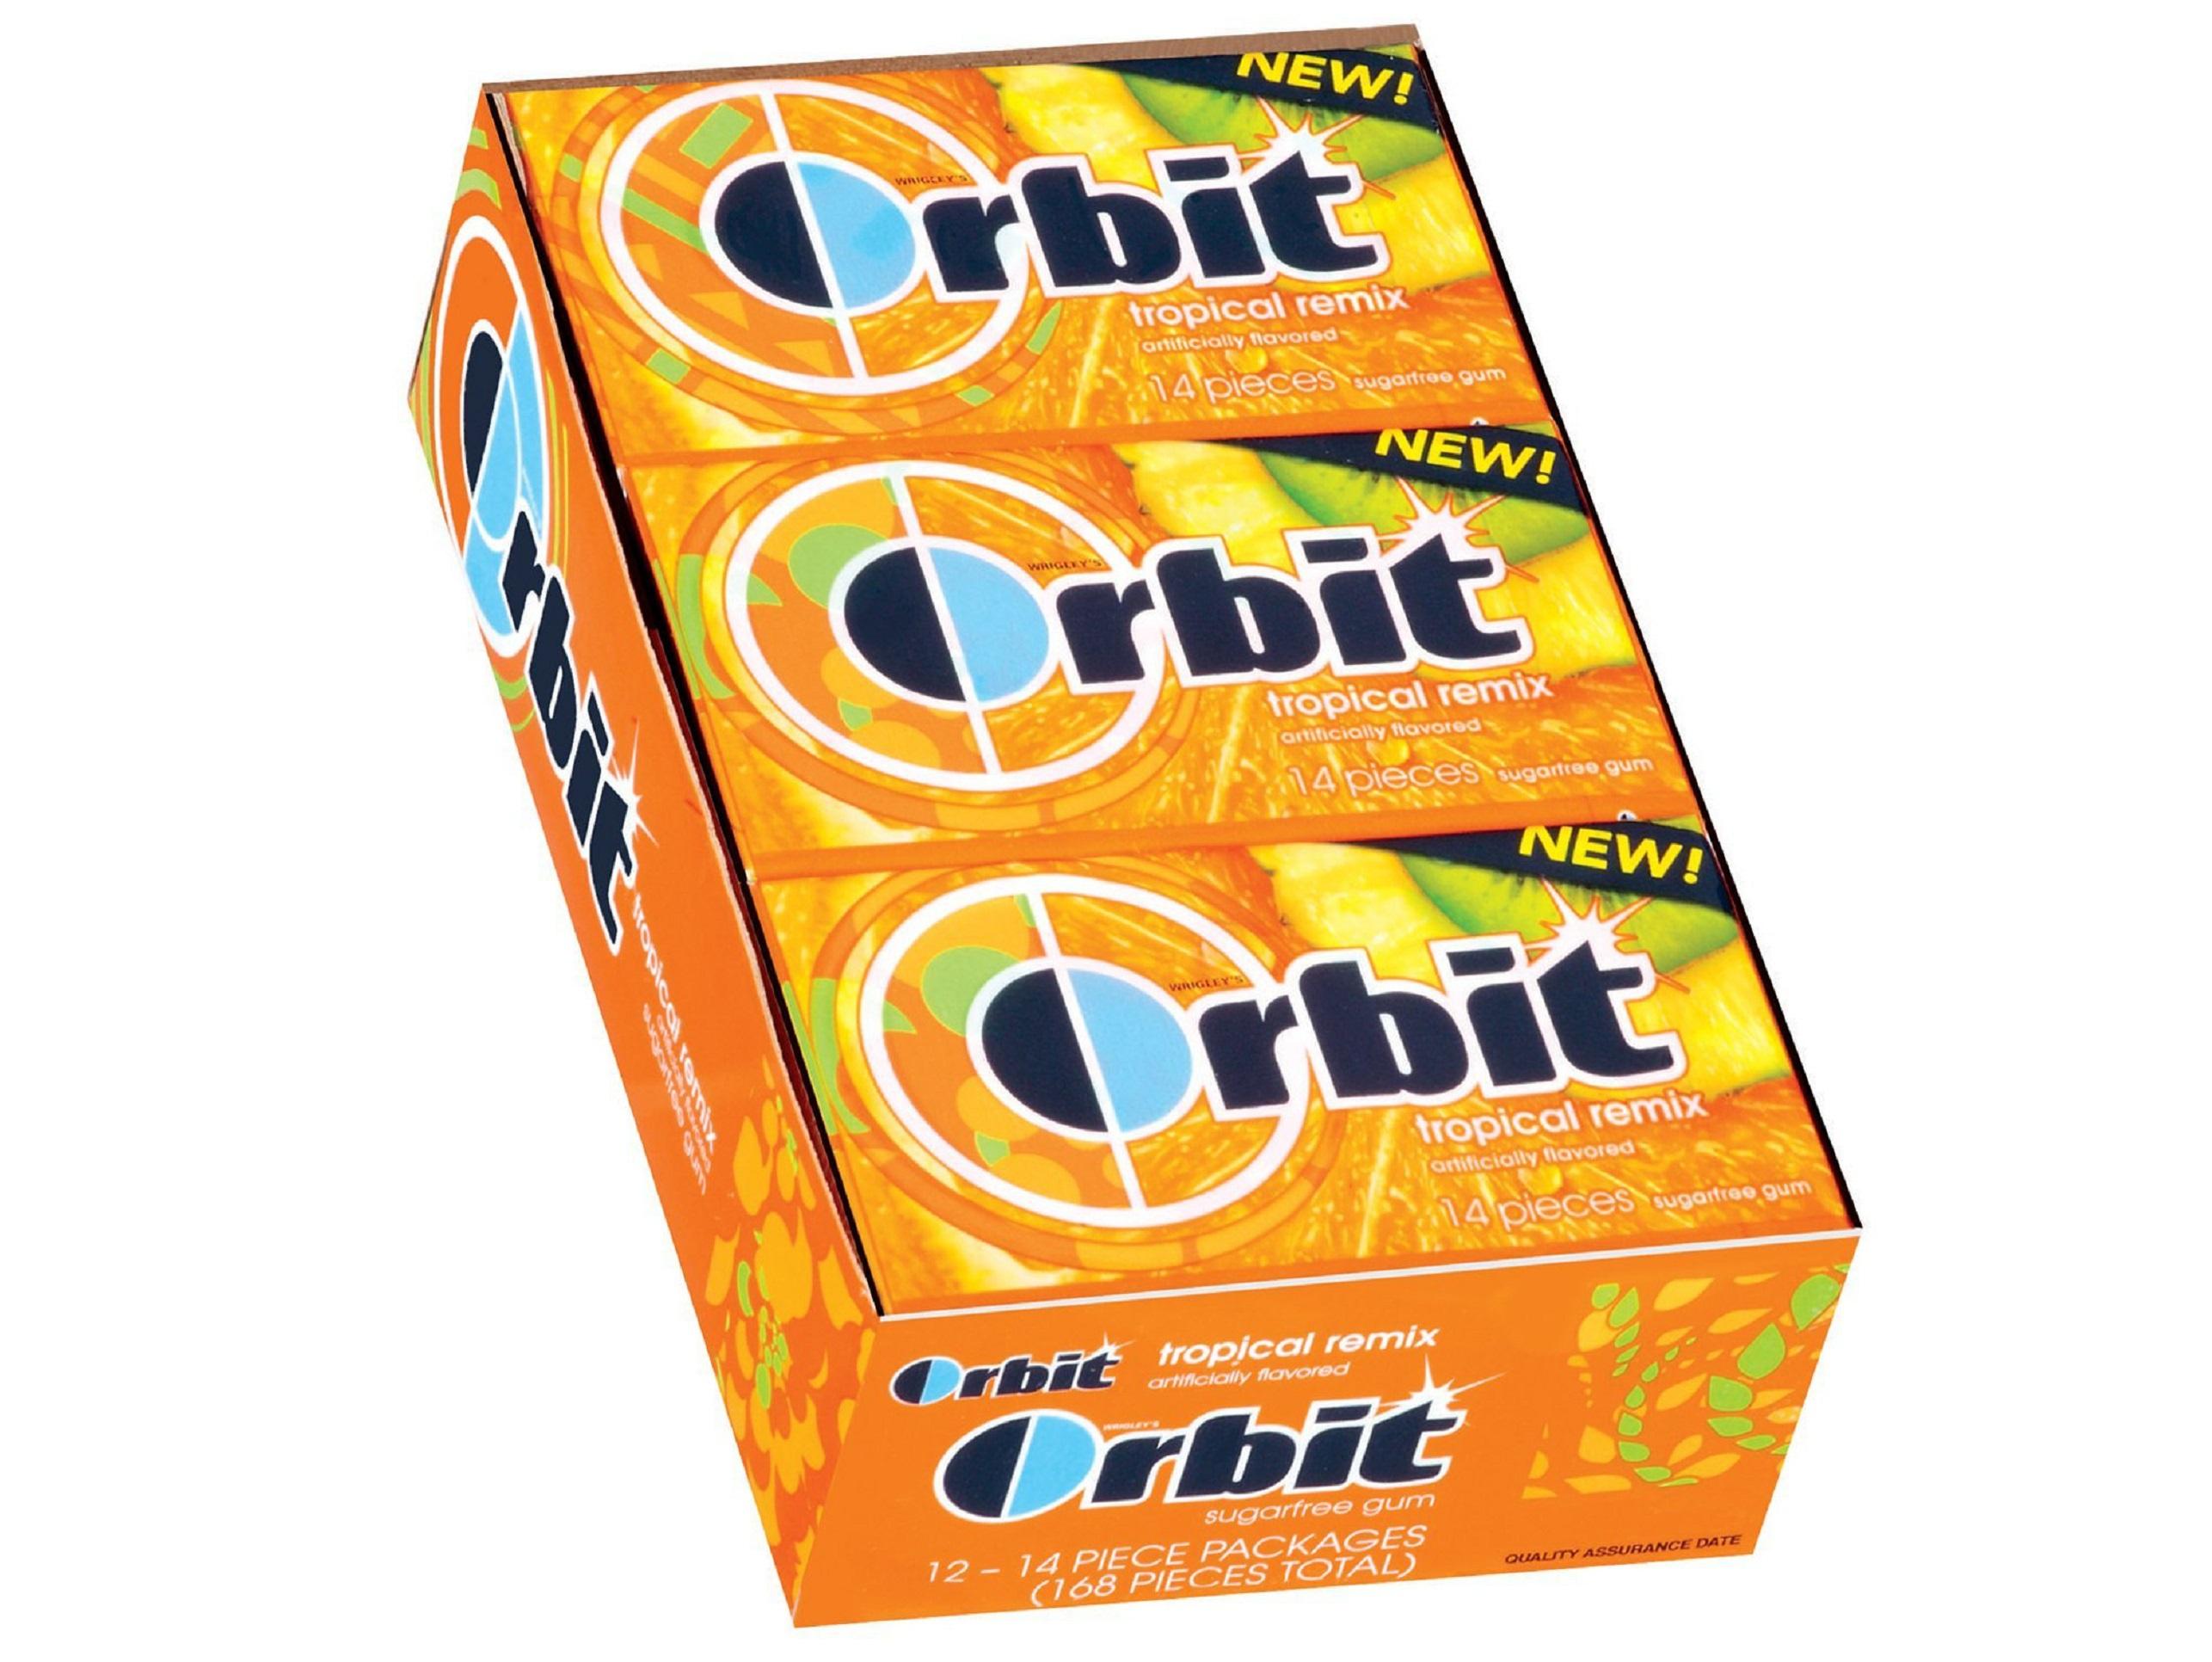 Orbit Images